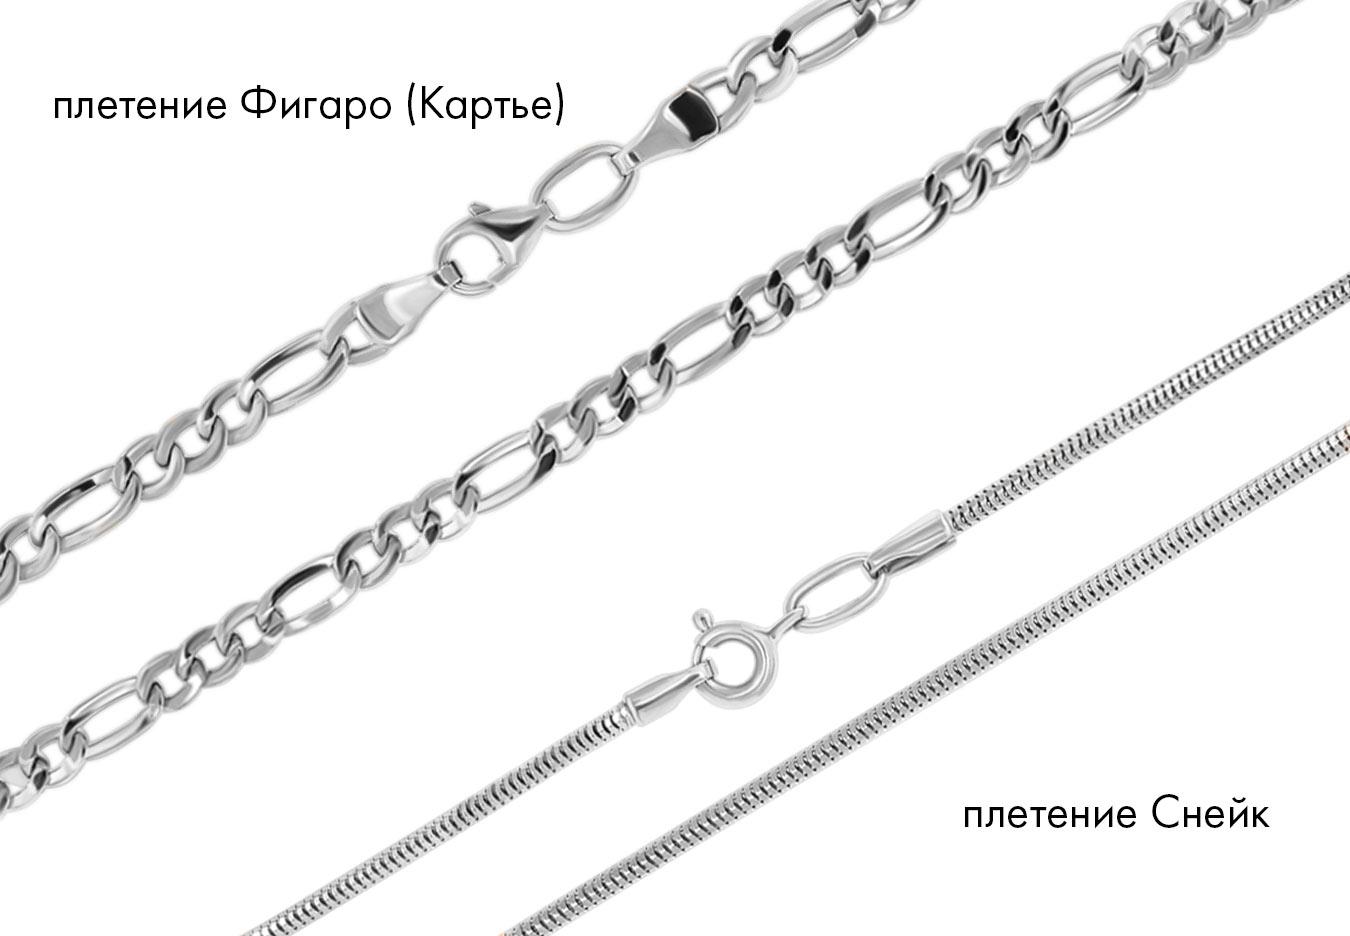 цепочка серебряная, плетение Фигаро (Картье) и Снейк